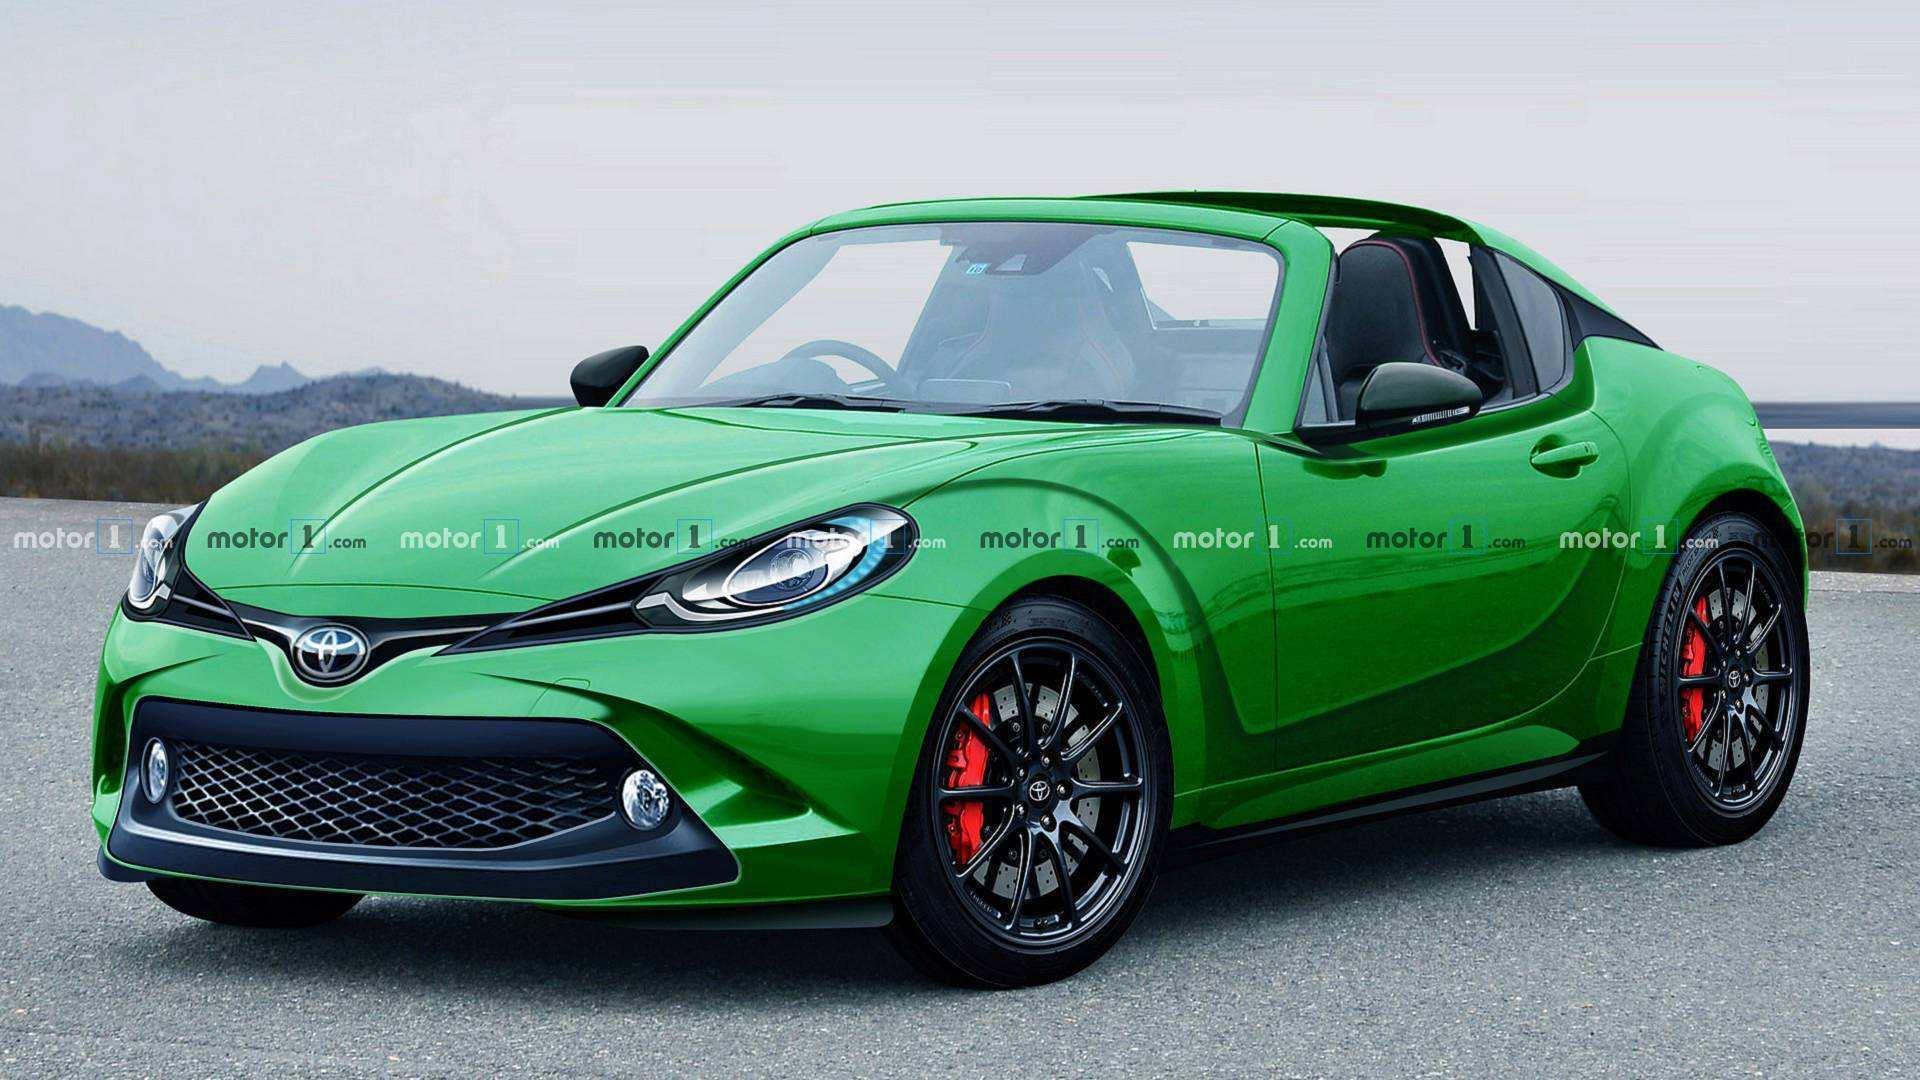 85 Best Review 2020 Mazda MX 5 Rumors with 2020 Mazda MX 5